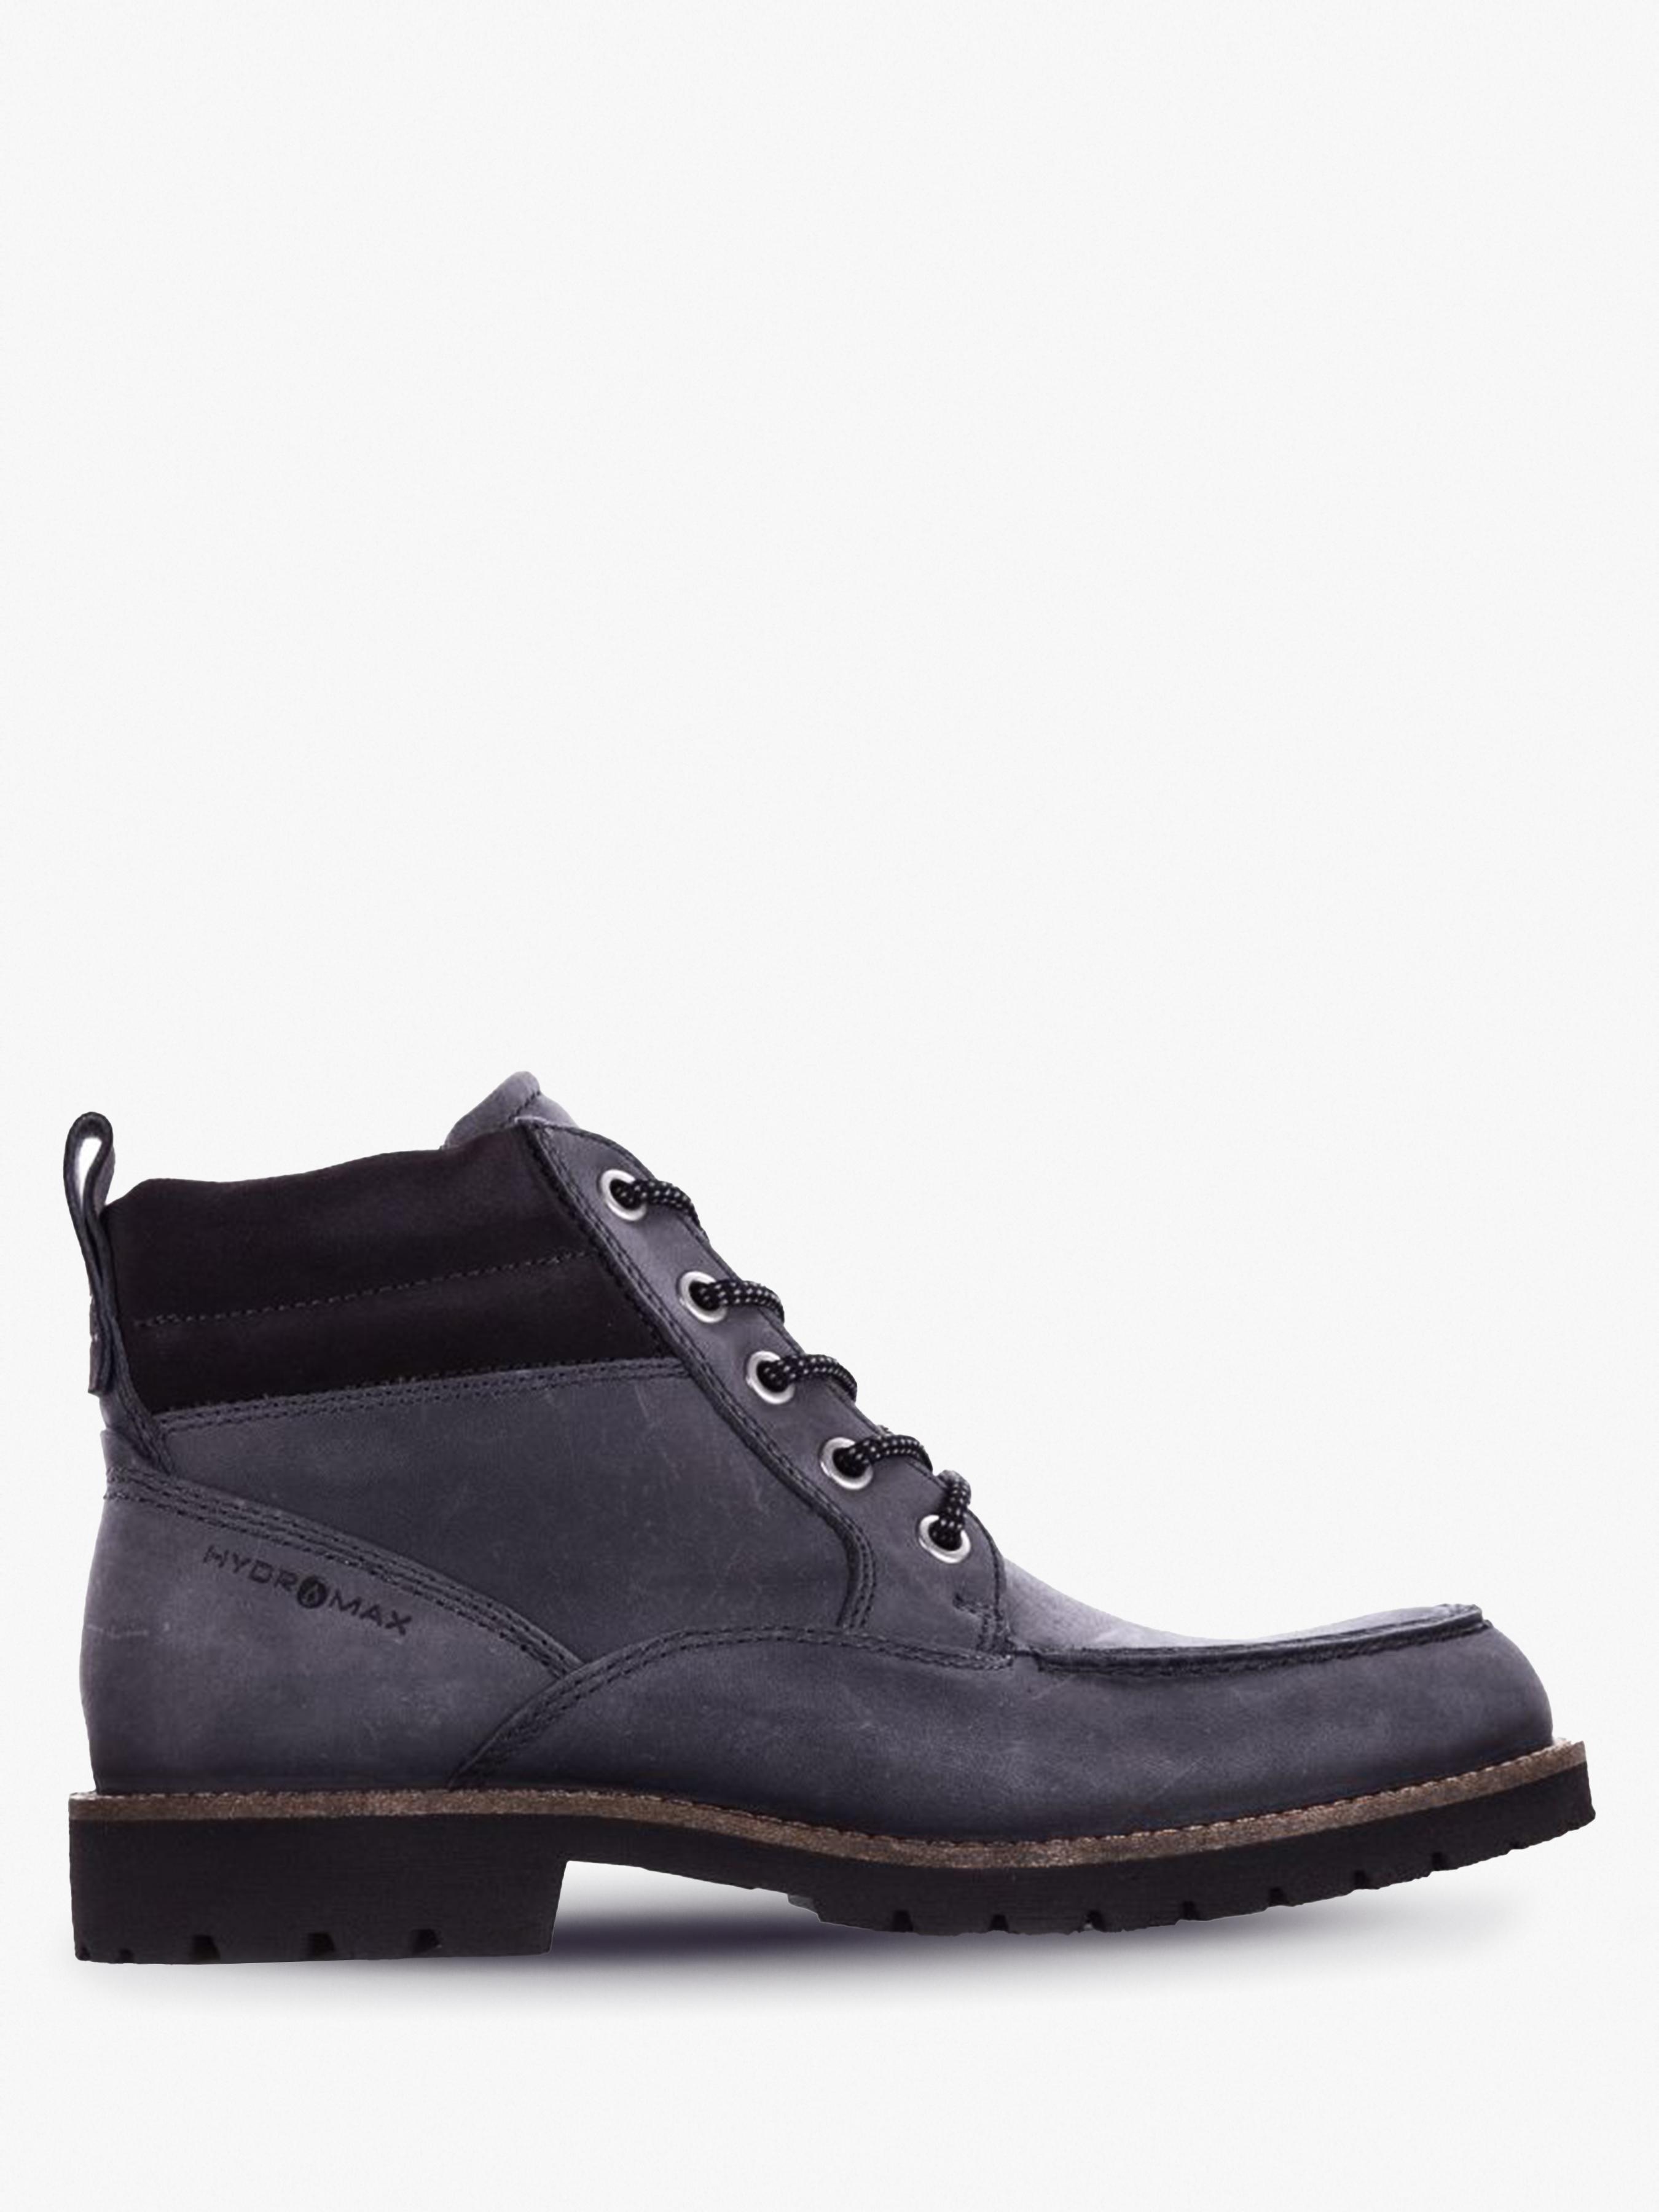 Купить Ботинки мужские ECCO JAMESTOWN ZM4057, Серый